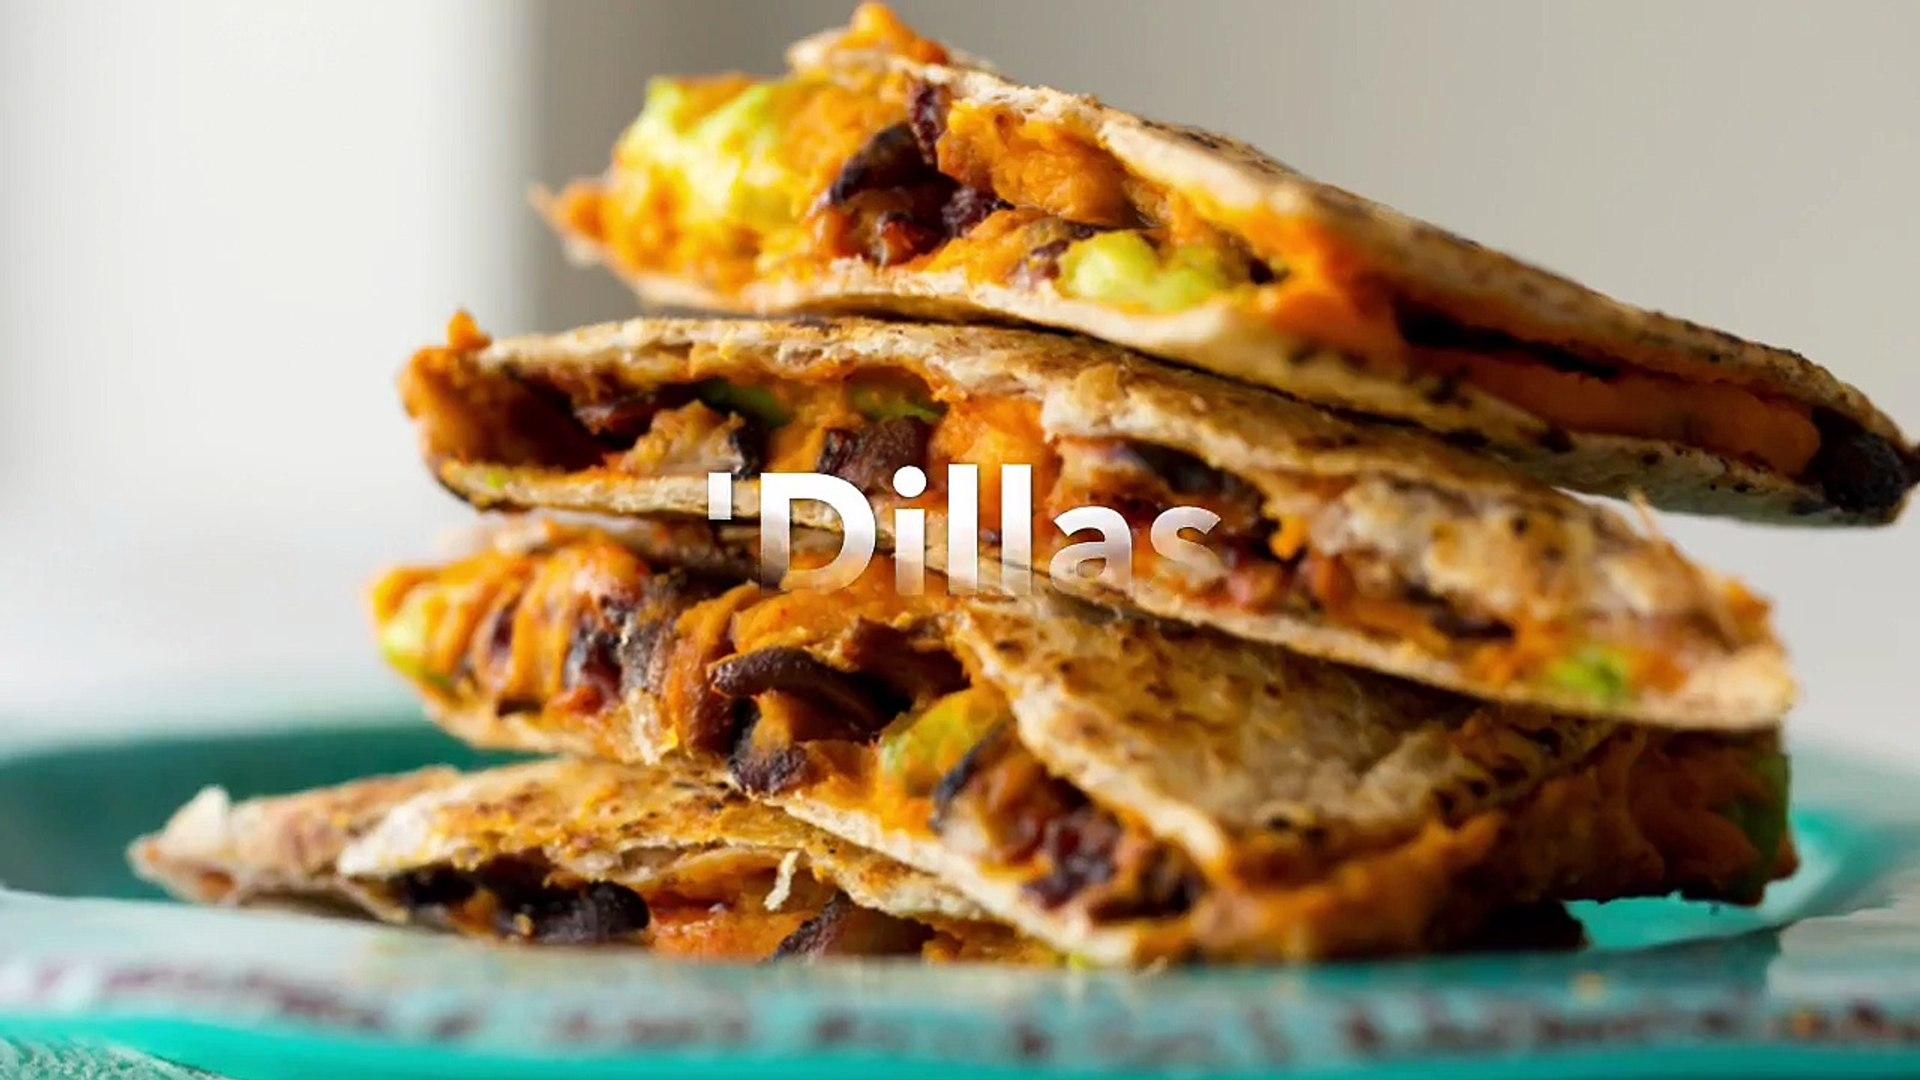 Vegan Hummus 'Dilla